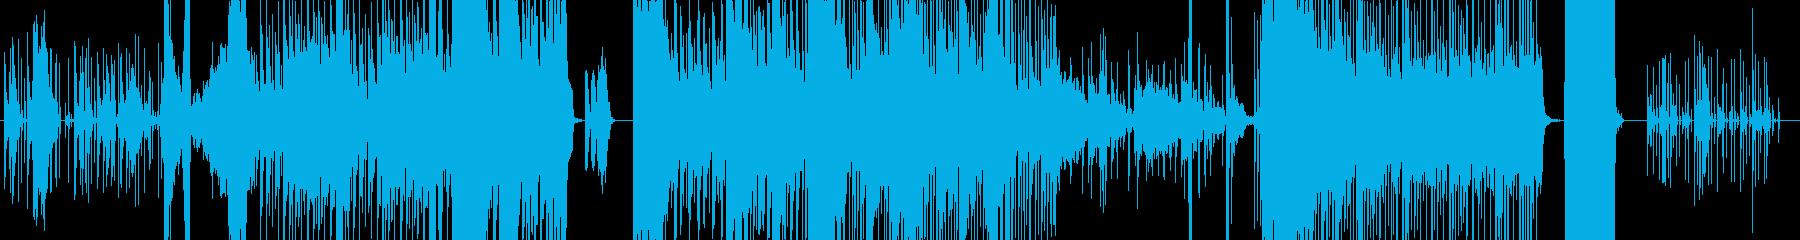 コメディのサスペンス設定での気まぐ...の再生済みの波形